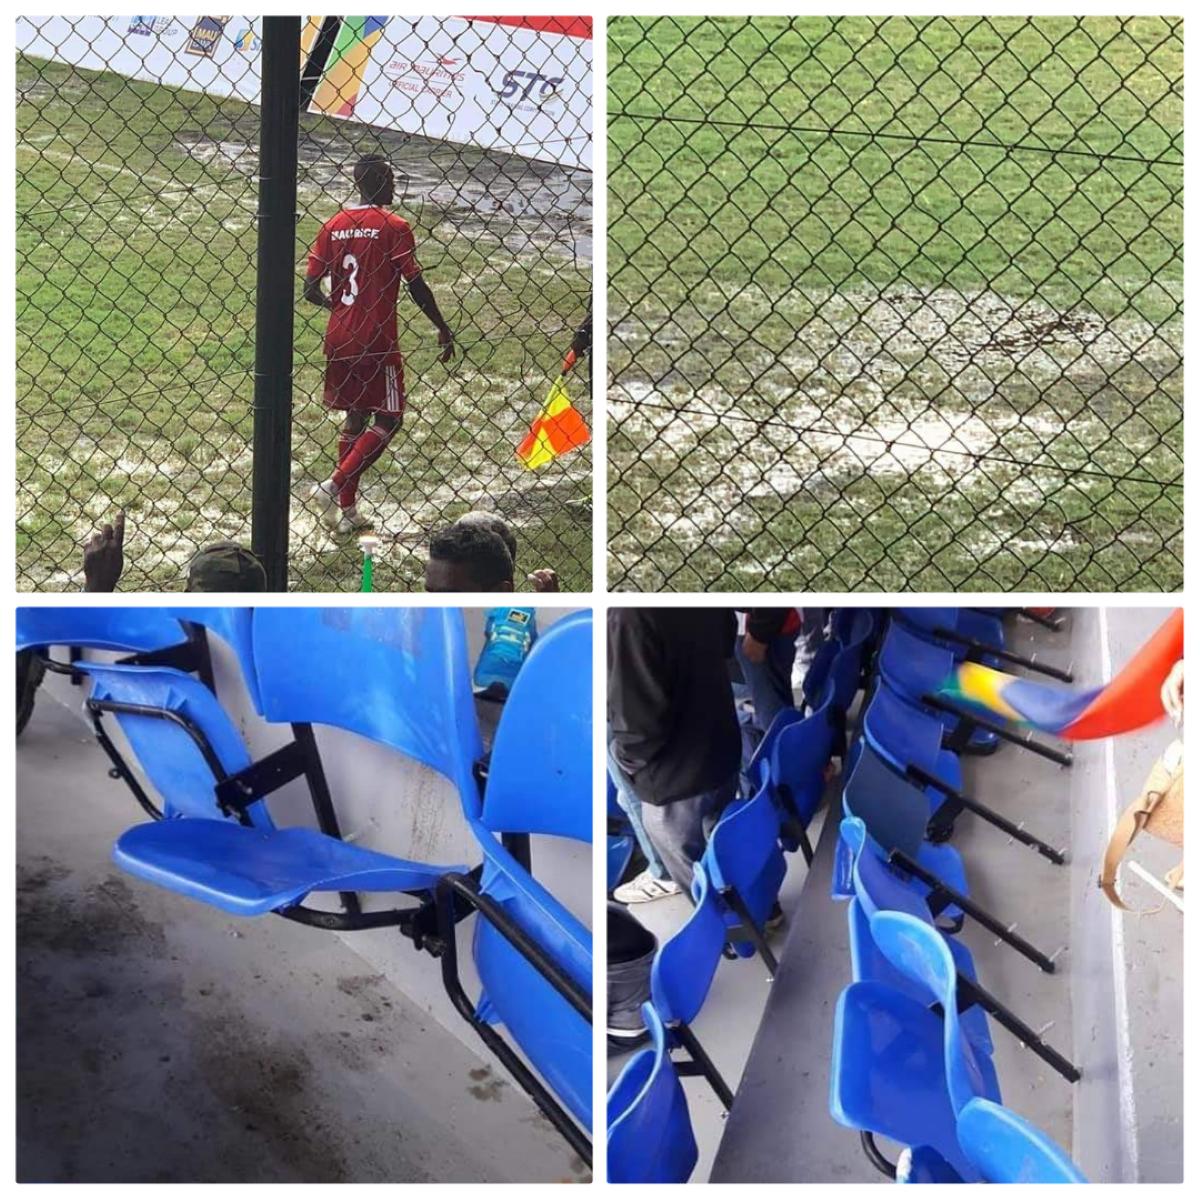 Stade Georges V : Une rénovation à  Rs 94 949 475 qui fait plouf !